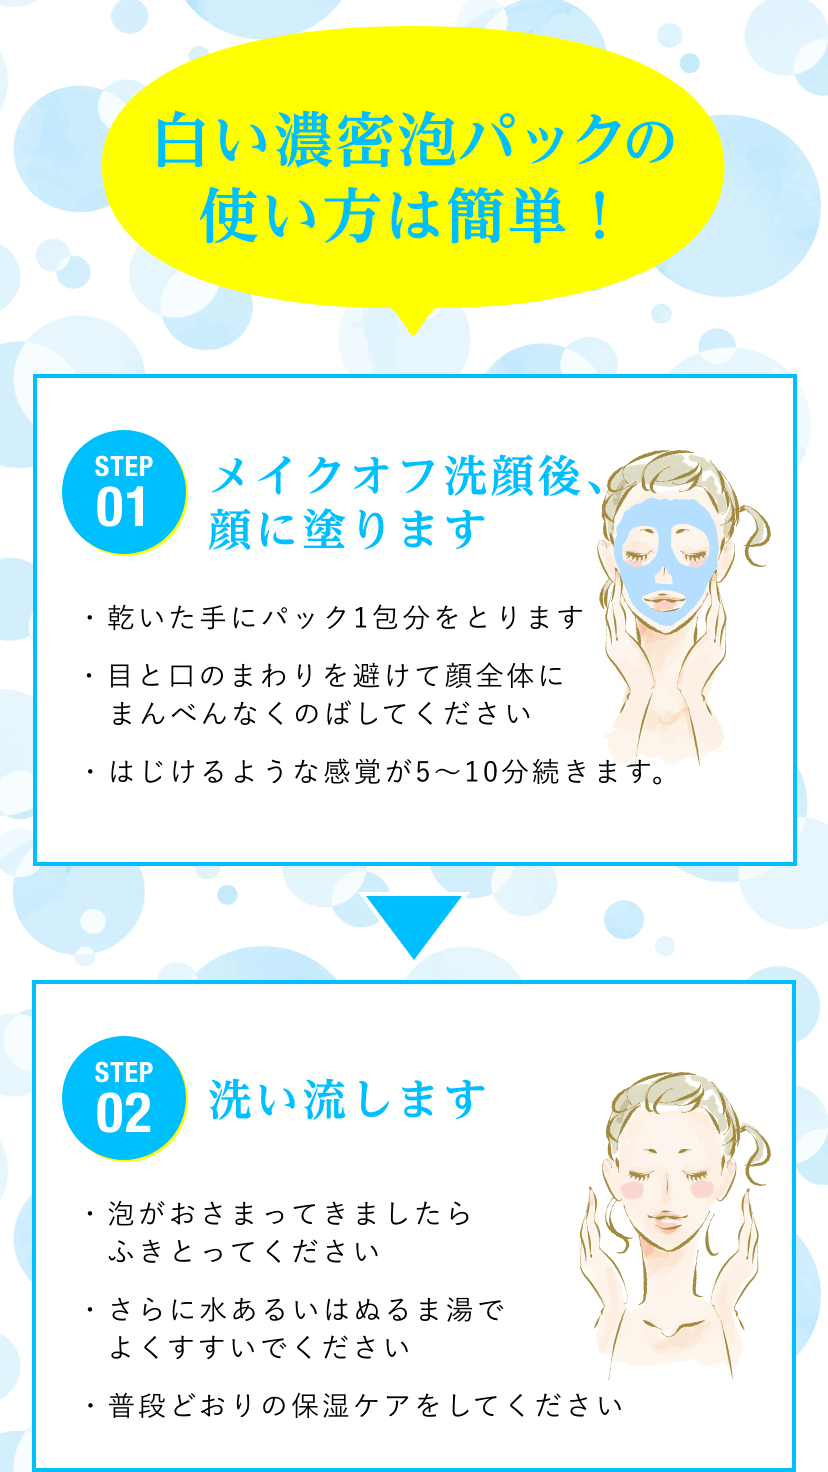 白い濃密泡パックの使い方は簡単!/STEP01  メイクオフ洗顔後、顔に塗ります。・乾いた手にパック1包分をとります・目と口のまわりを避けて顔全体にまんべんなくのばしてください・はじけるような感覚が5〜10分続きます。/STEP02  洗い流します。・泡がおさまってきましたらふきとってください・さらに水あるいはぬるま湯でよくすすいでください・普段どおりの保湿ケアをしてください